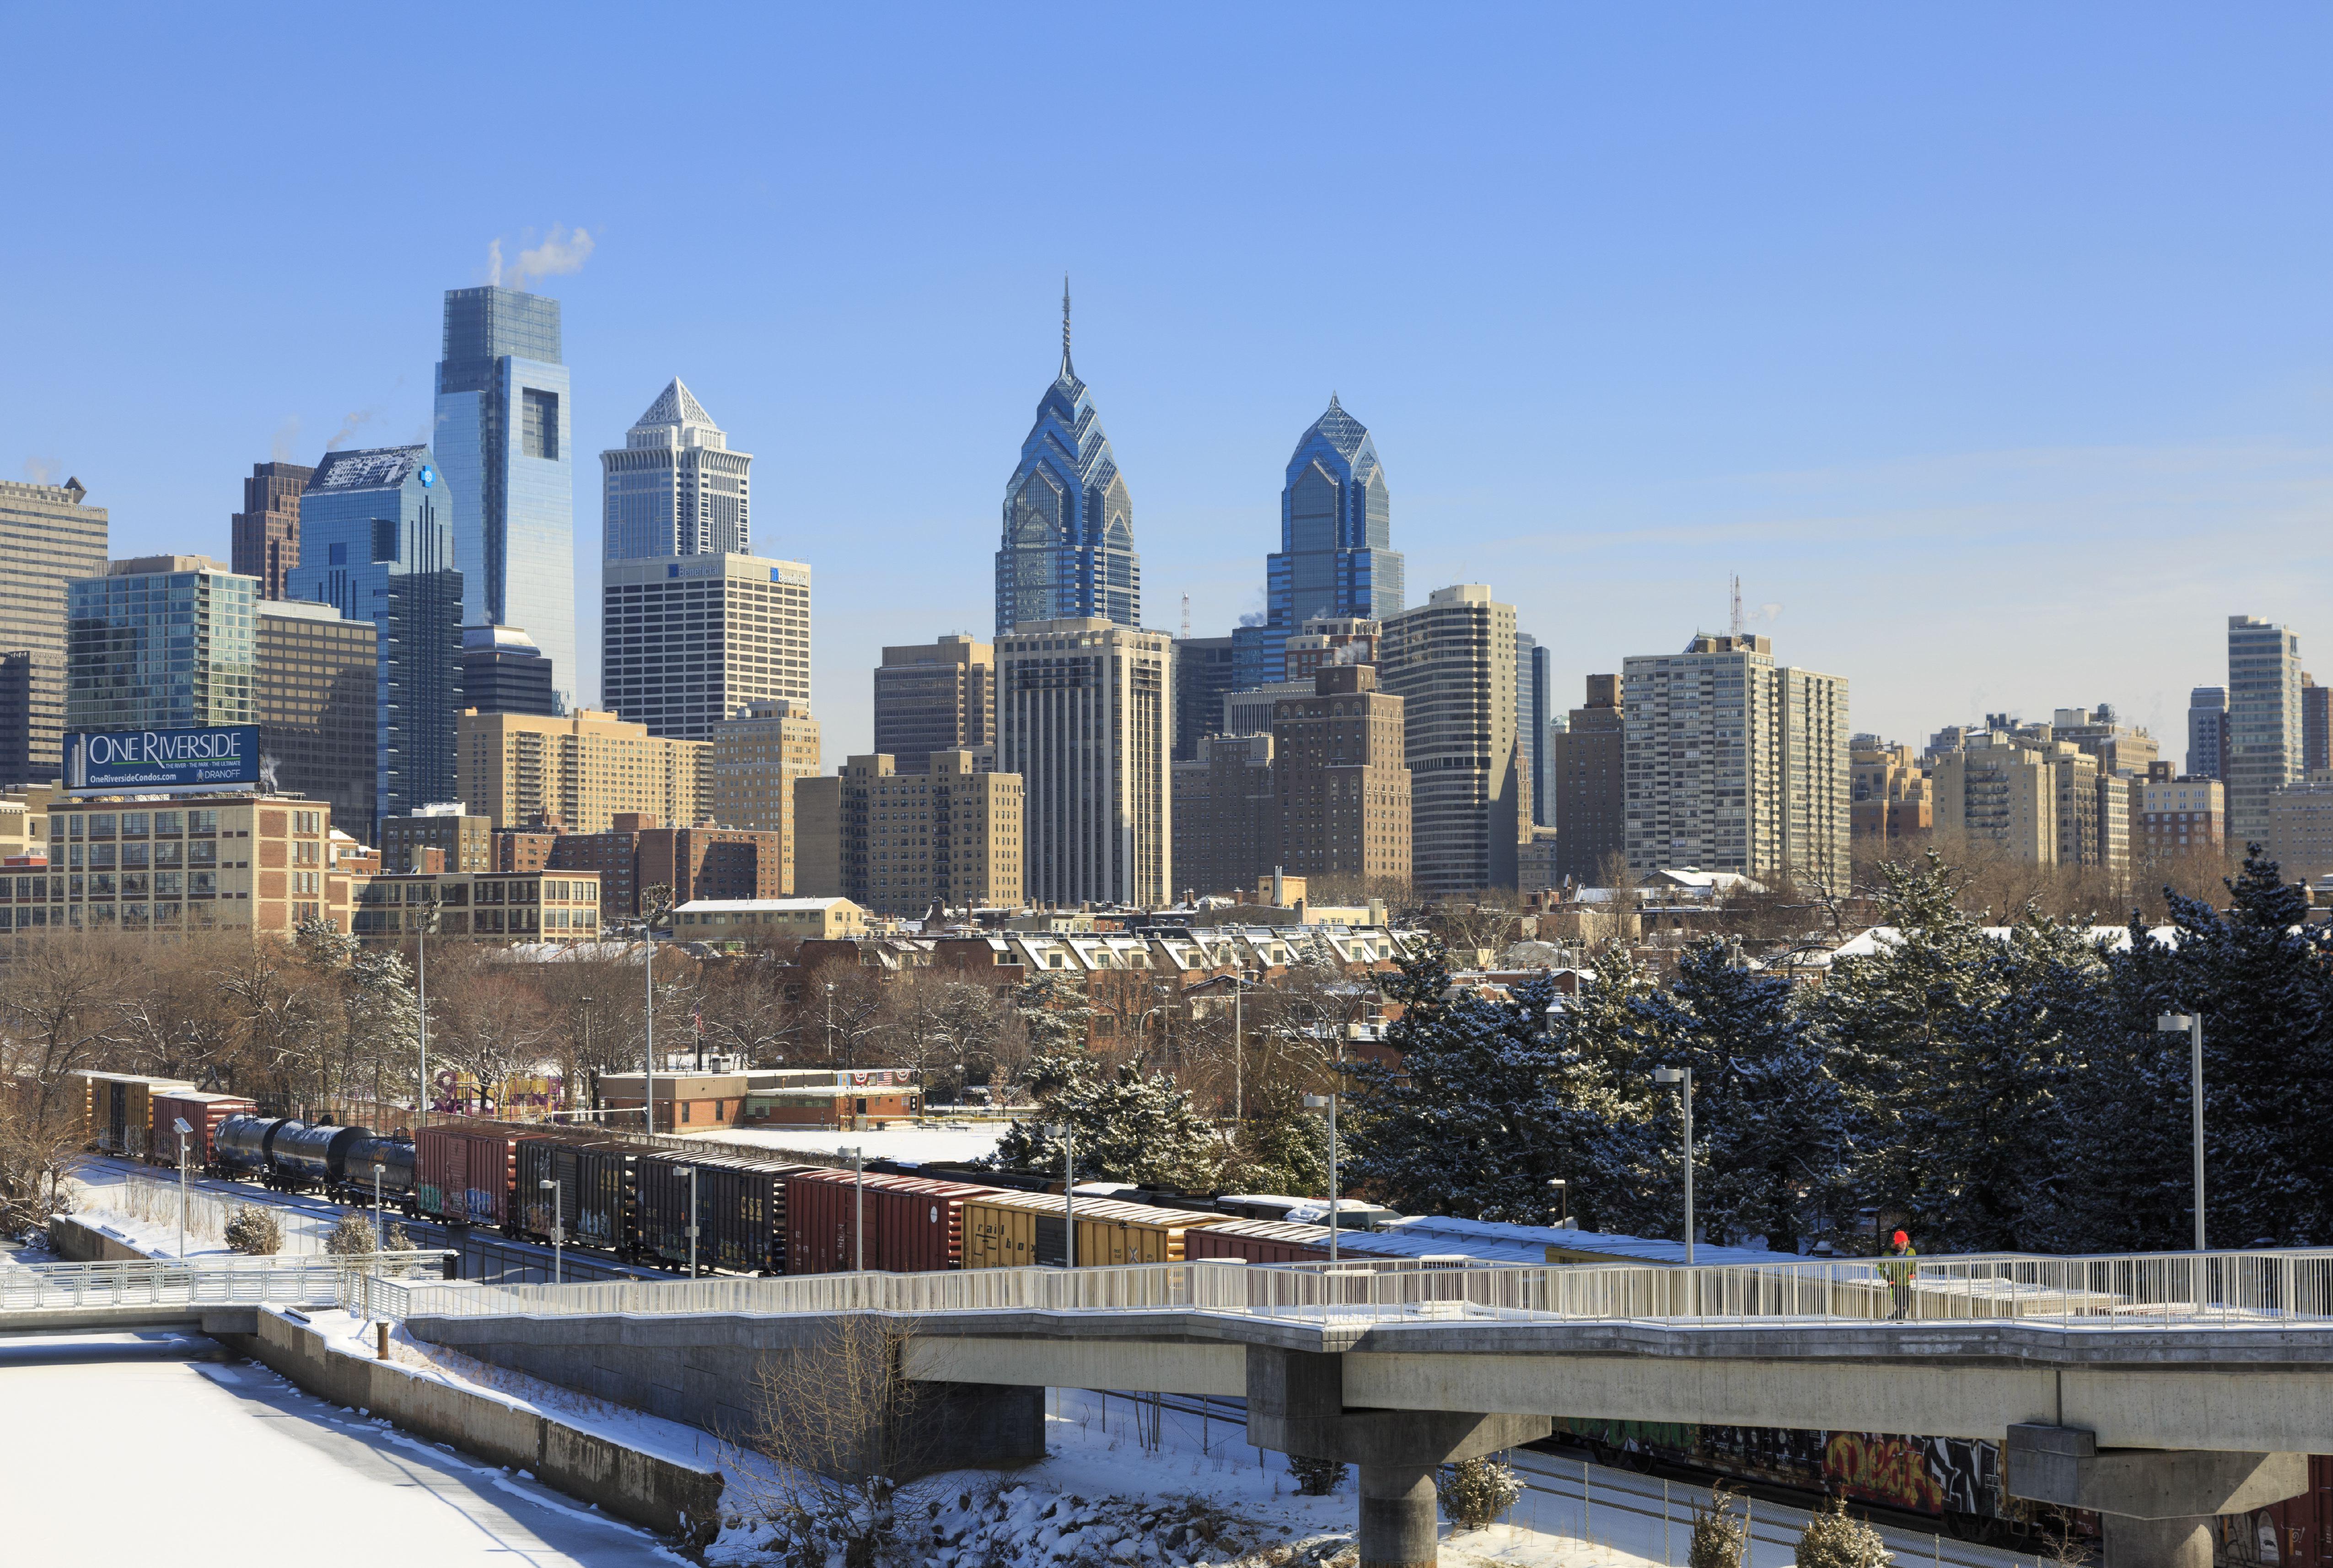 Train with Philadelphia Skyline in winter, USA